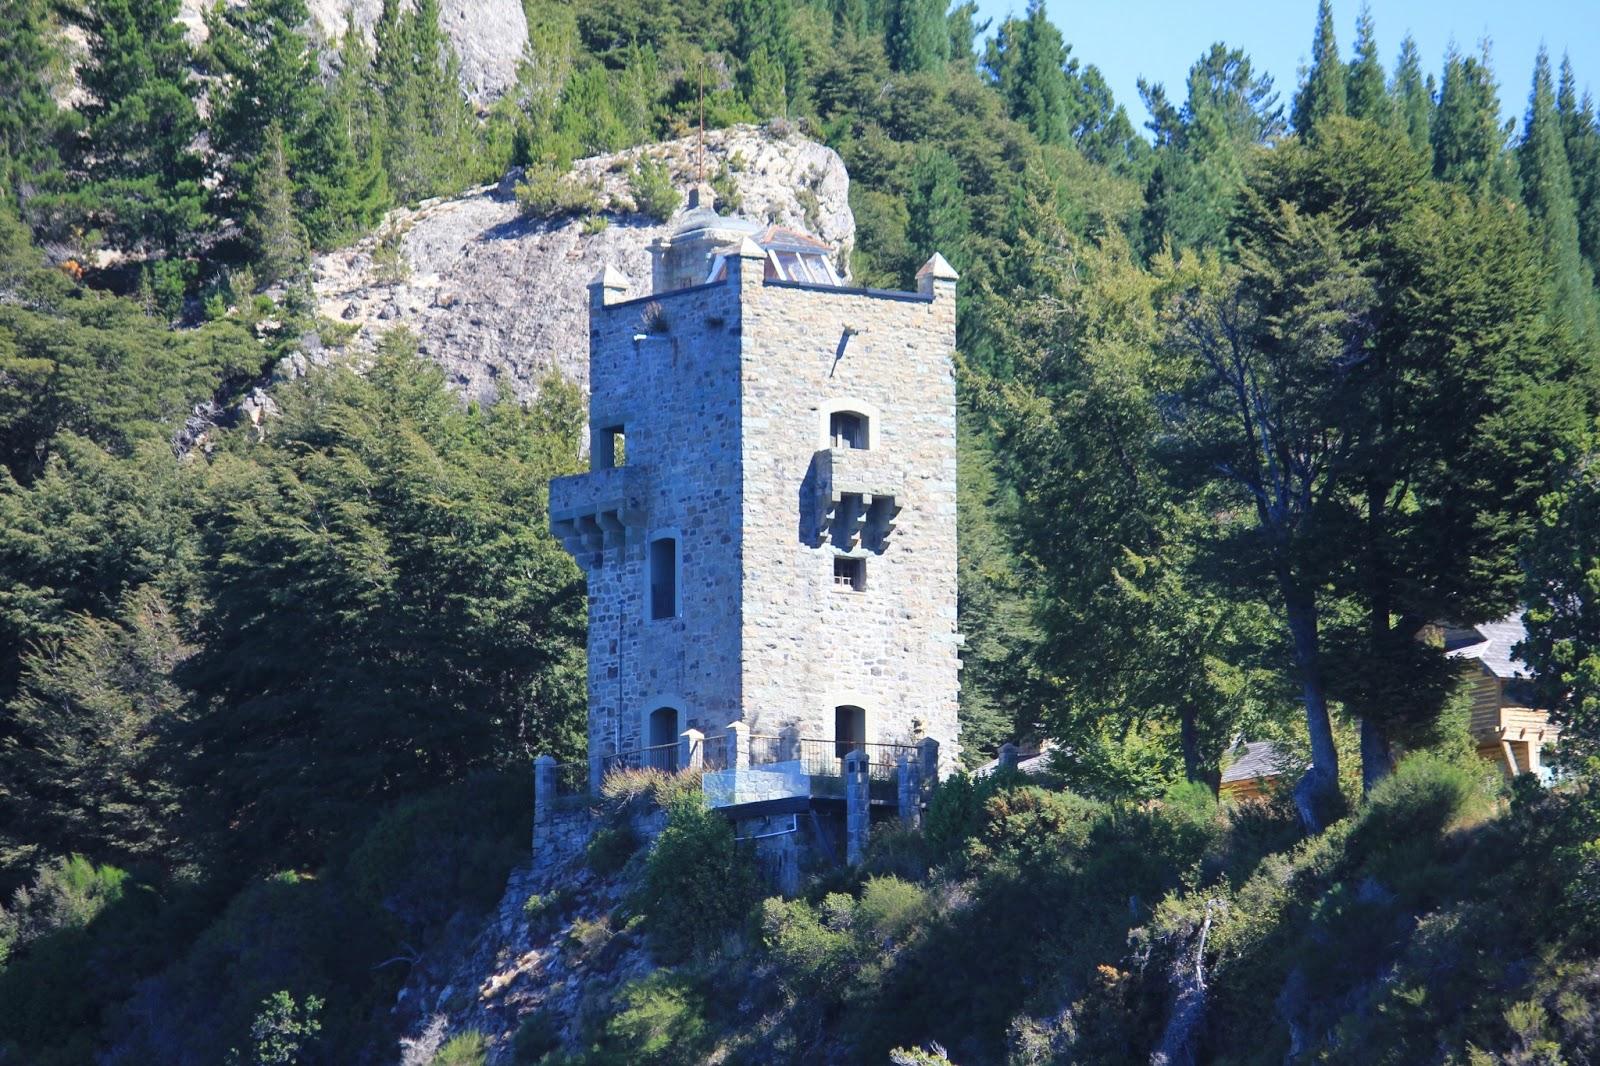 La torre bustillo torre nazi para proteger a hitler taringa - La casa del nazi ...